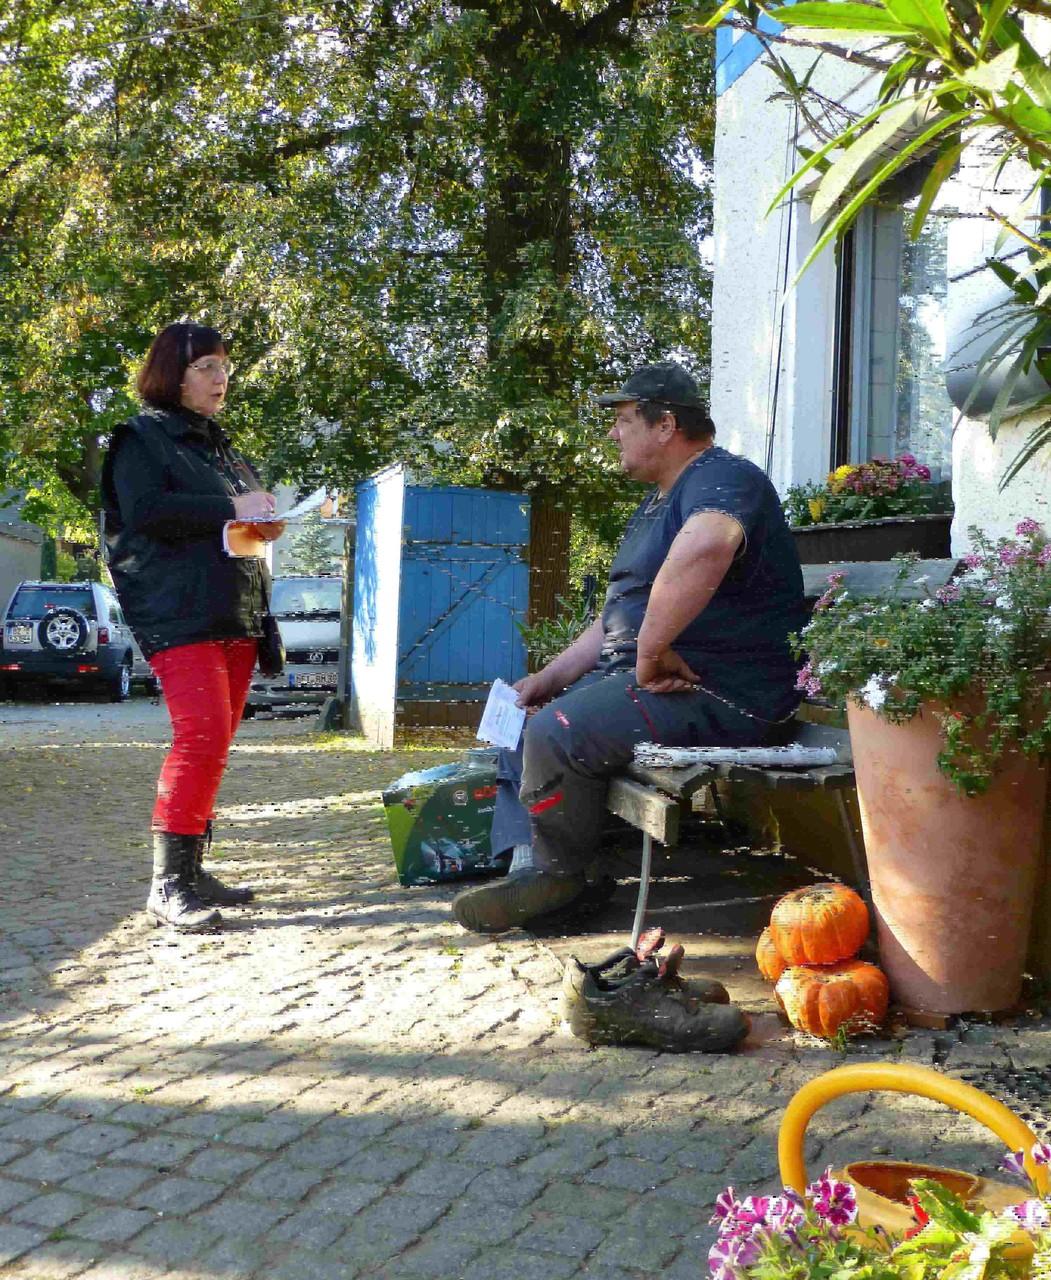 Oese-Hof, Tag der Einheit - 3. Oktober 2015.  9:30:   Das Interview mit Jung-Bauer Karl  Oese läuft...